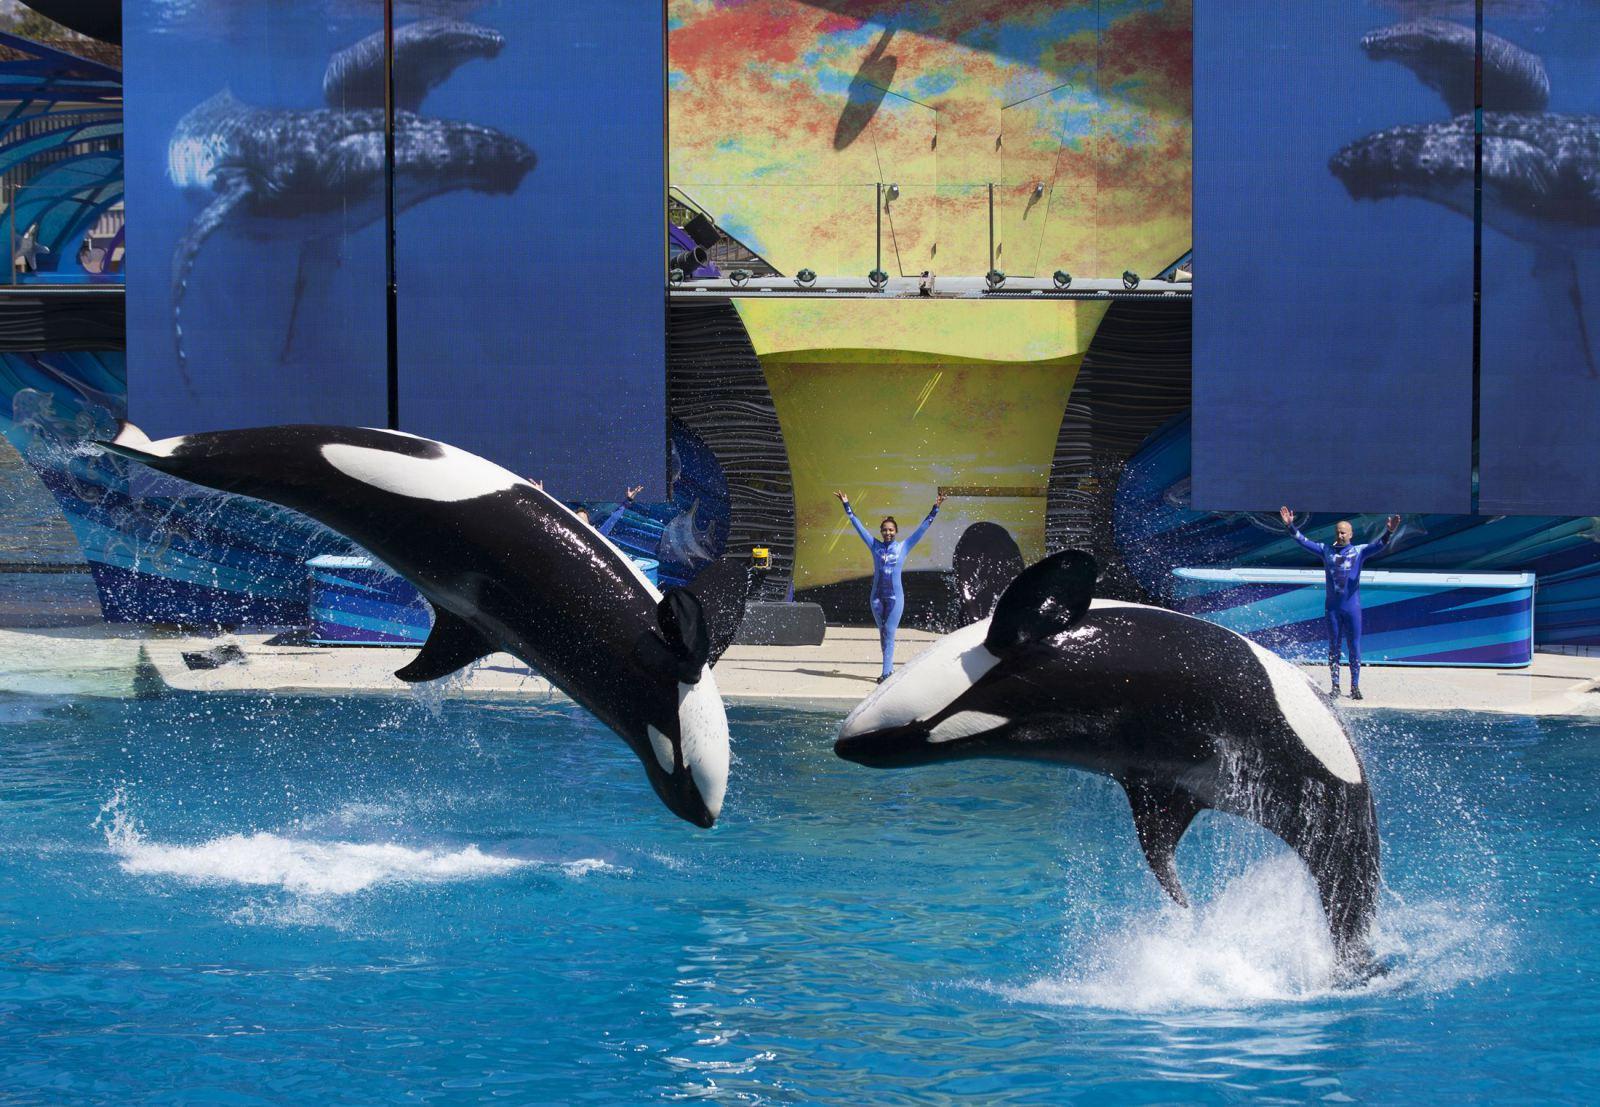 SeaWorldEndsKillerWhaleShows.jpg